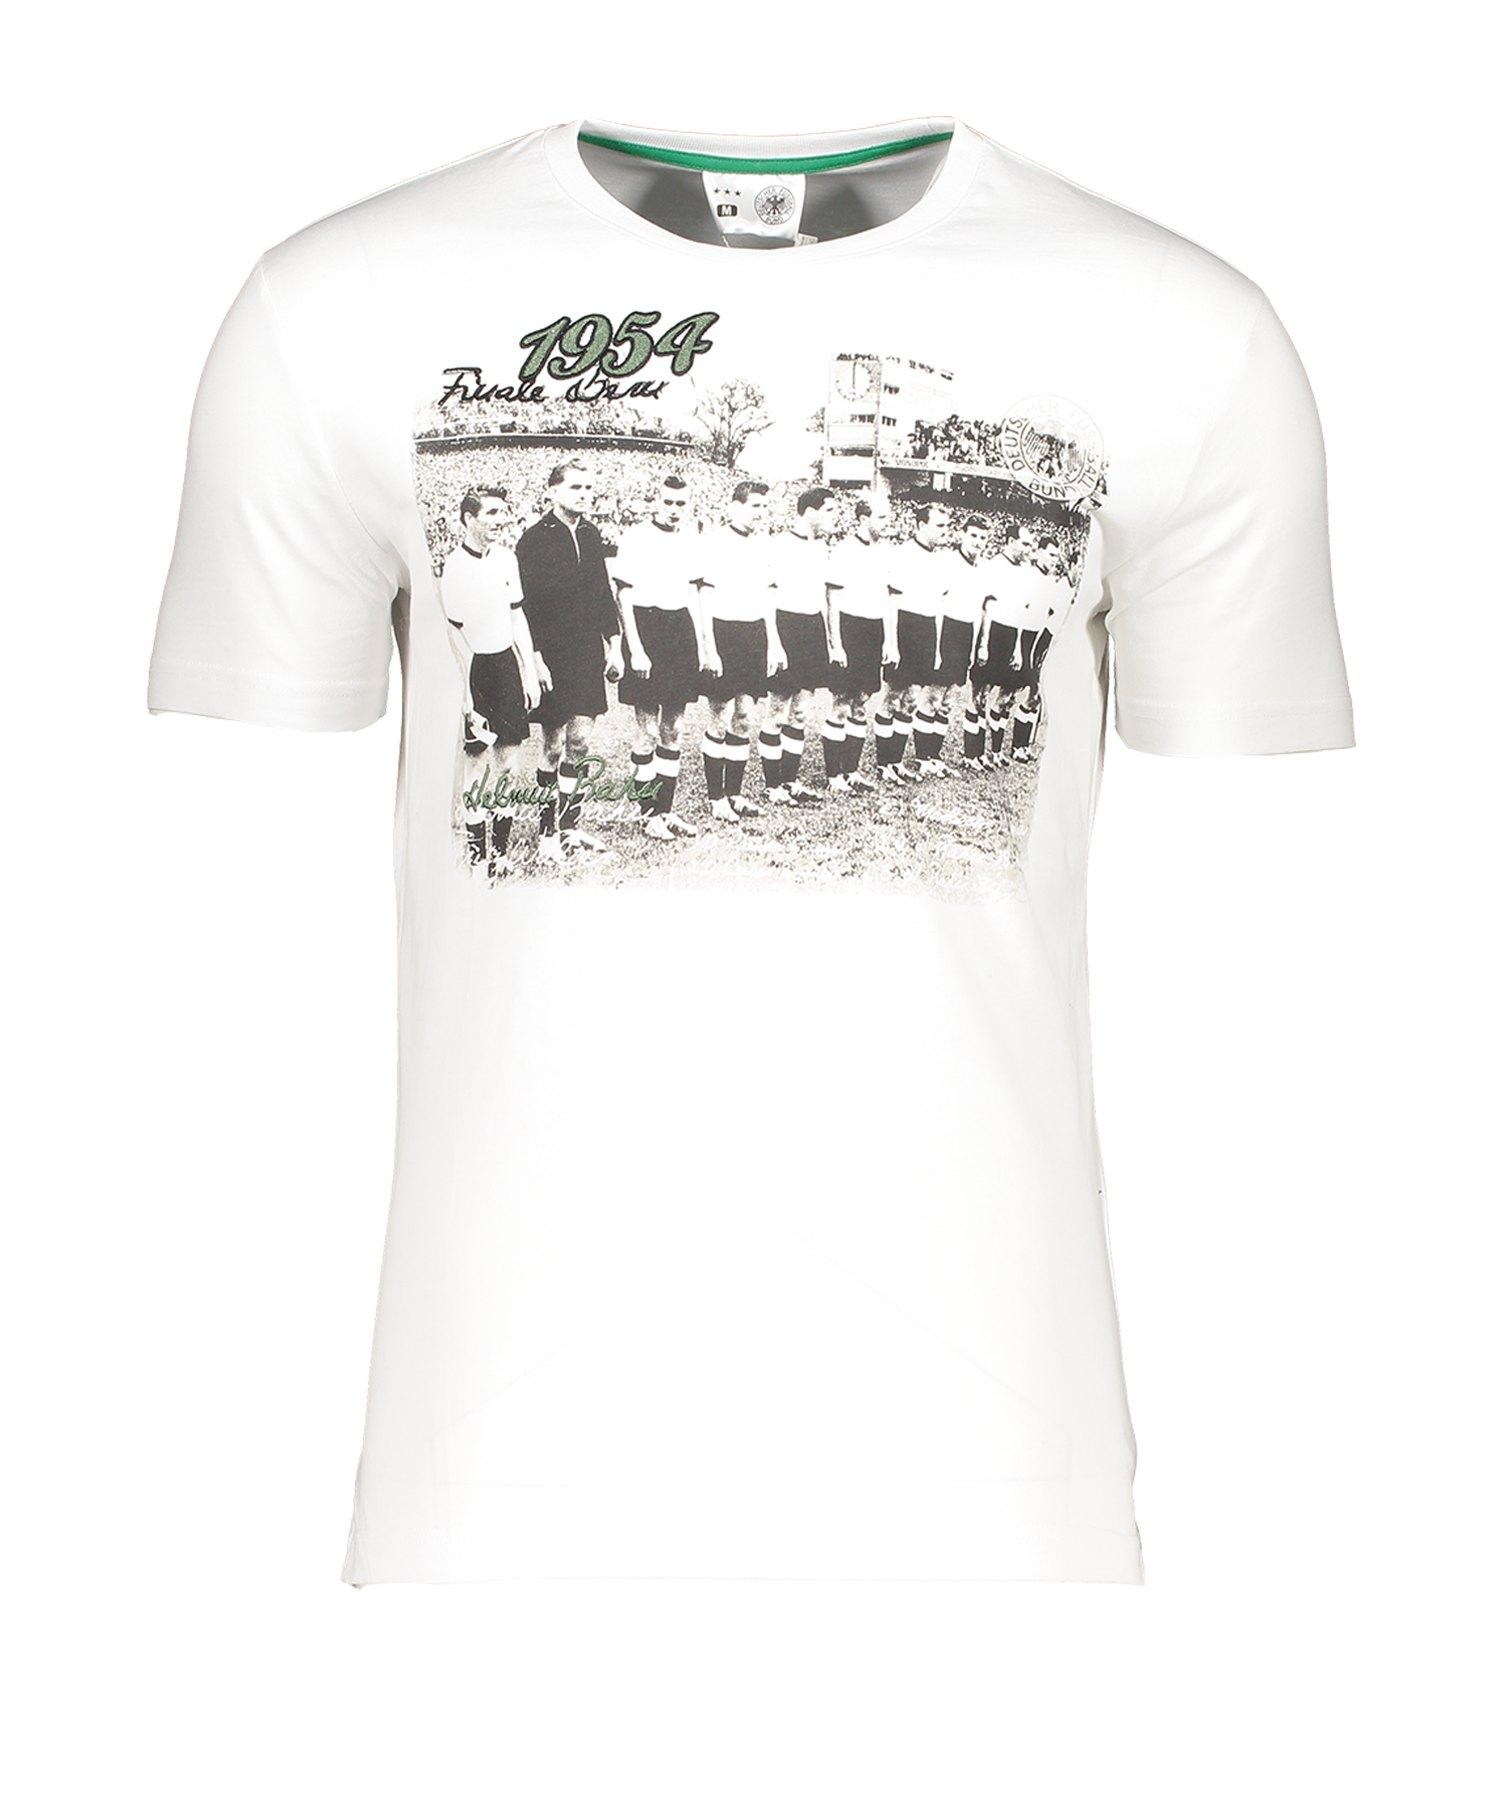 DFB Deutschland T Shirt 1954 S